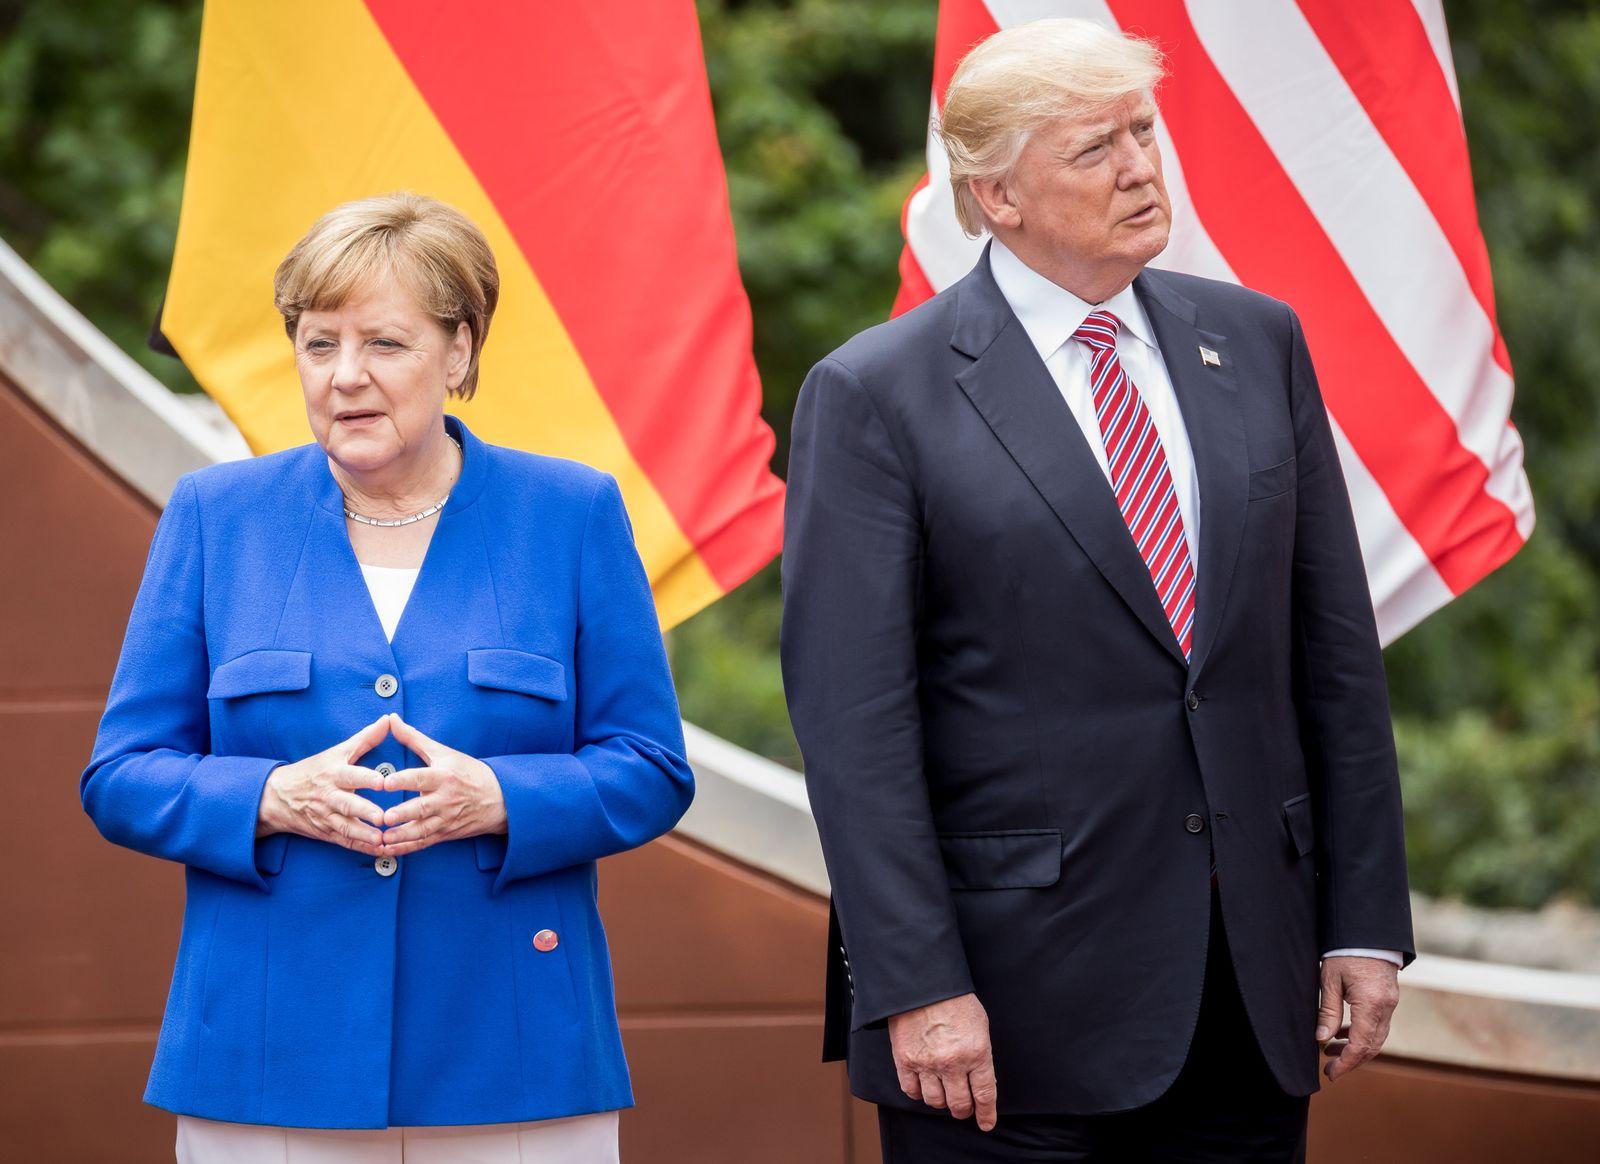 Merkel/ Trump